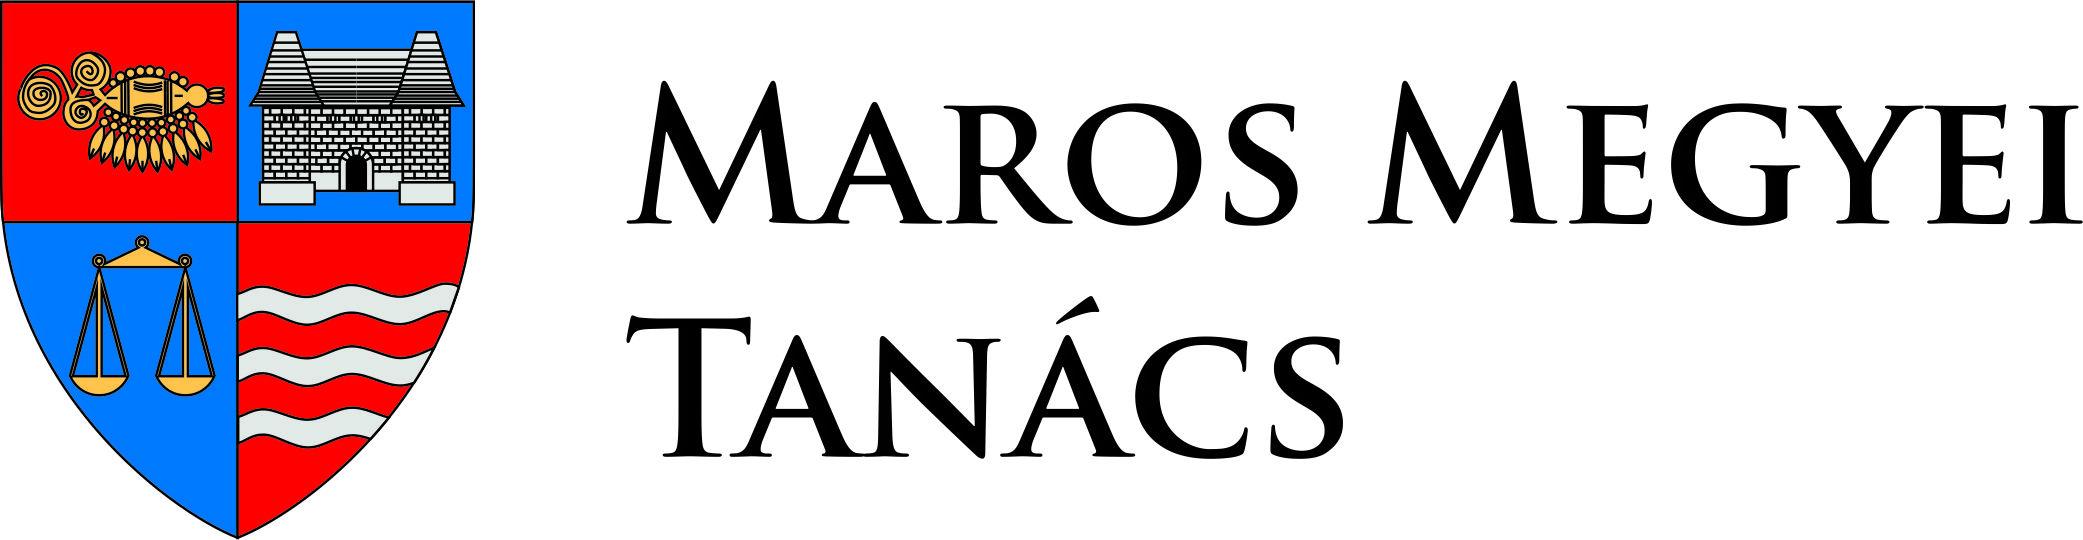 Maros Megyei Tanács